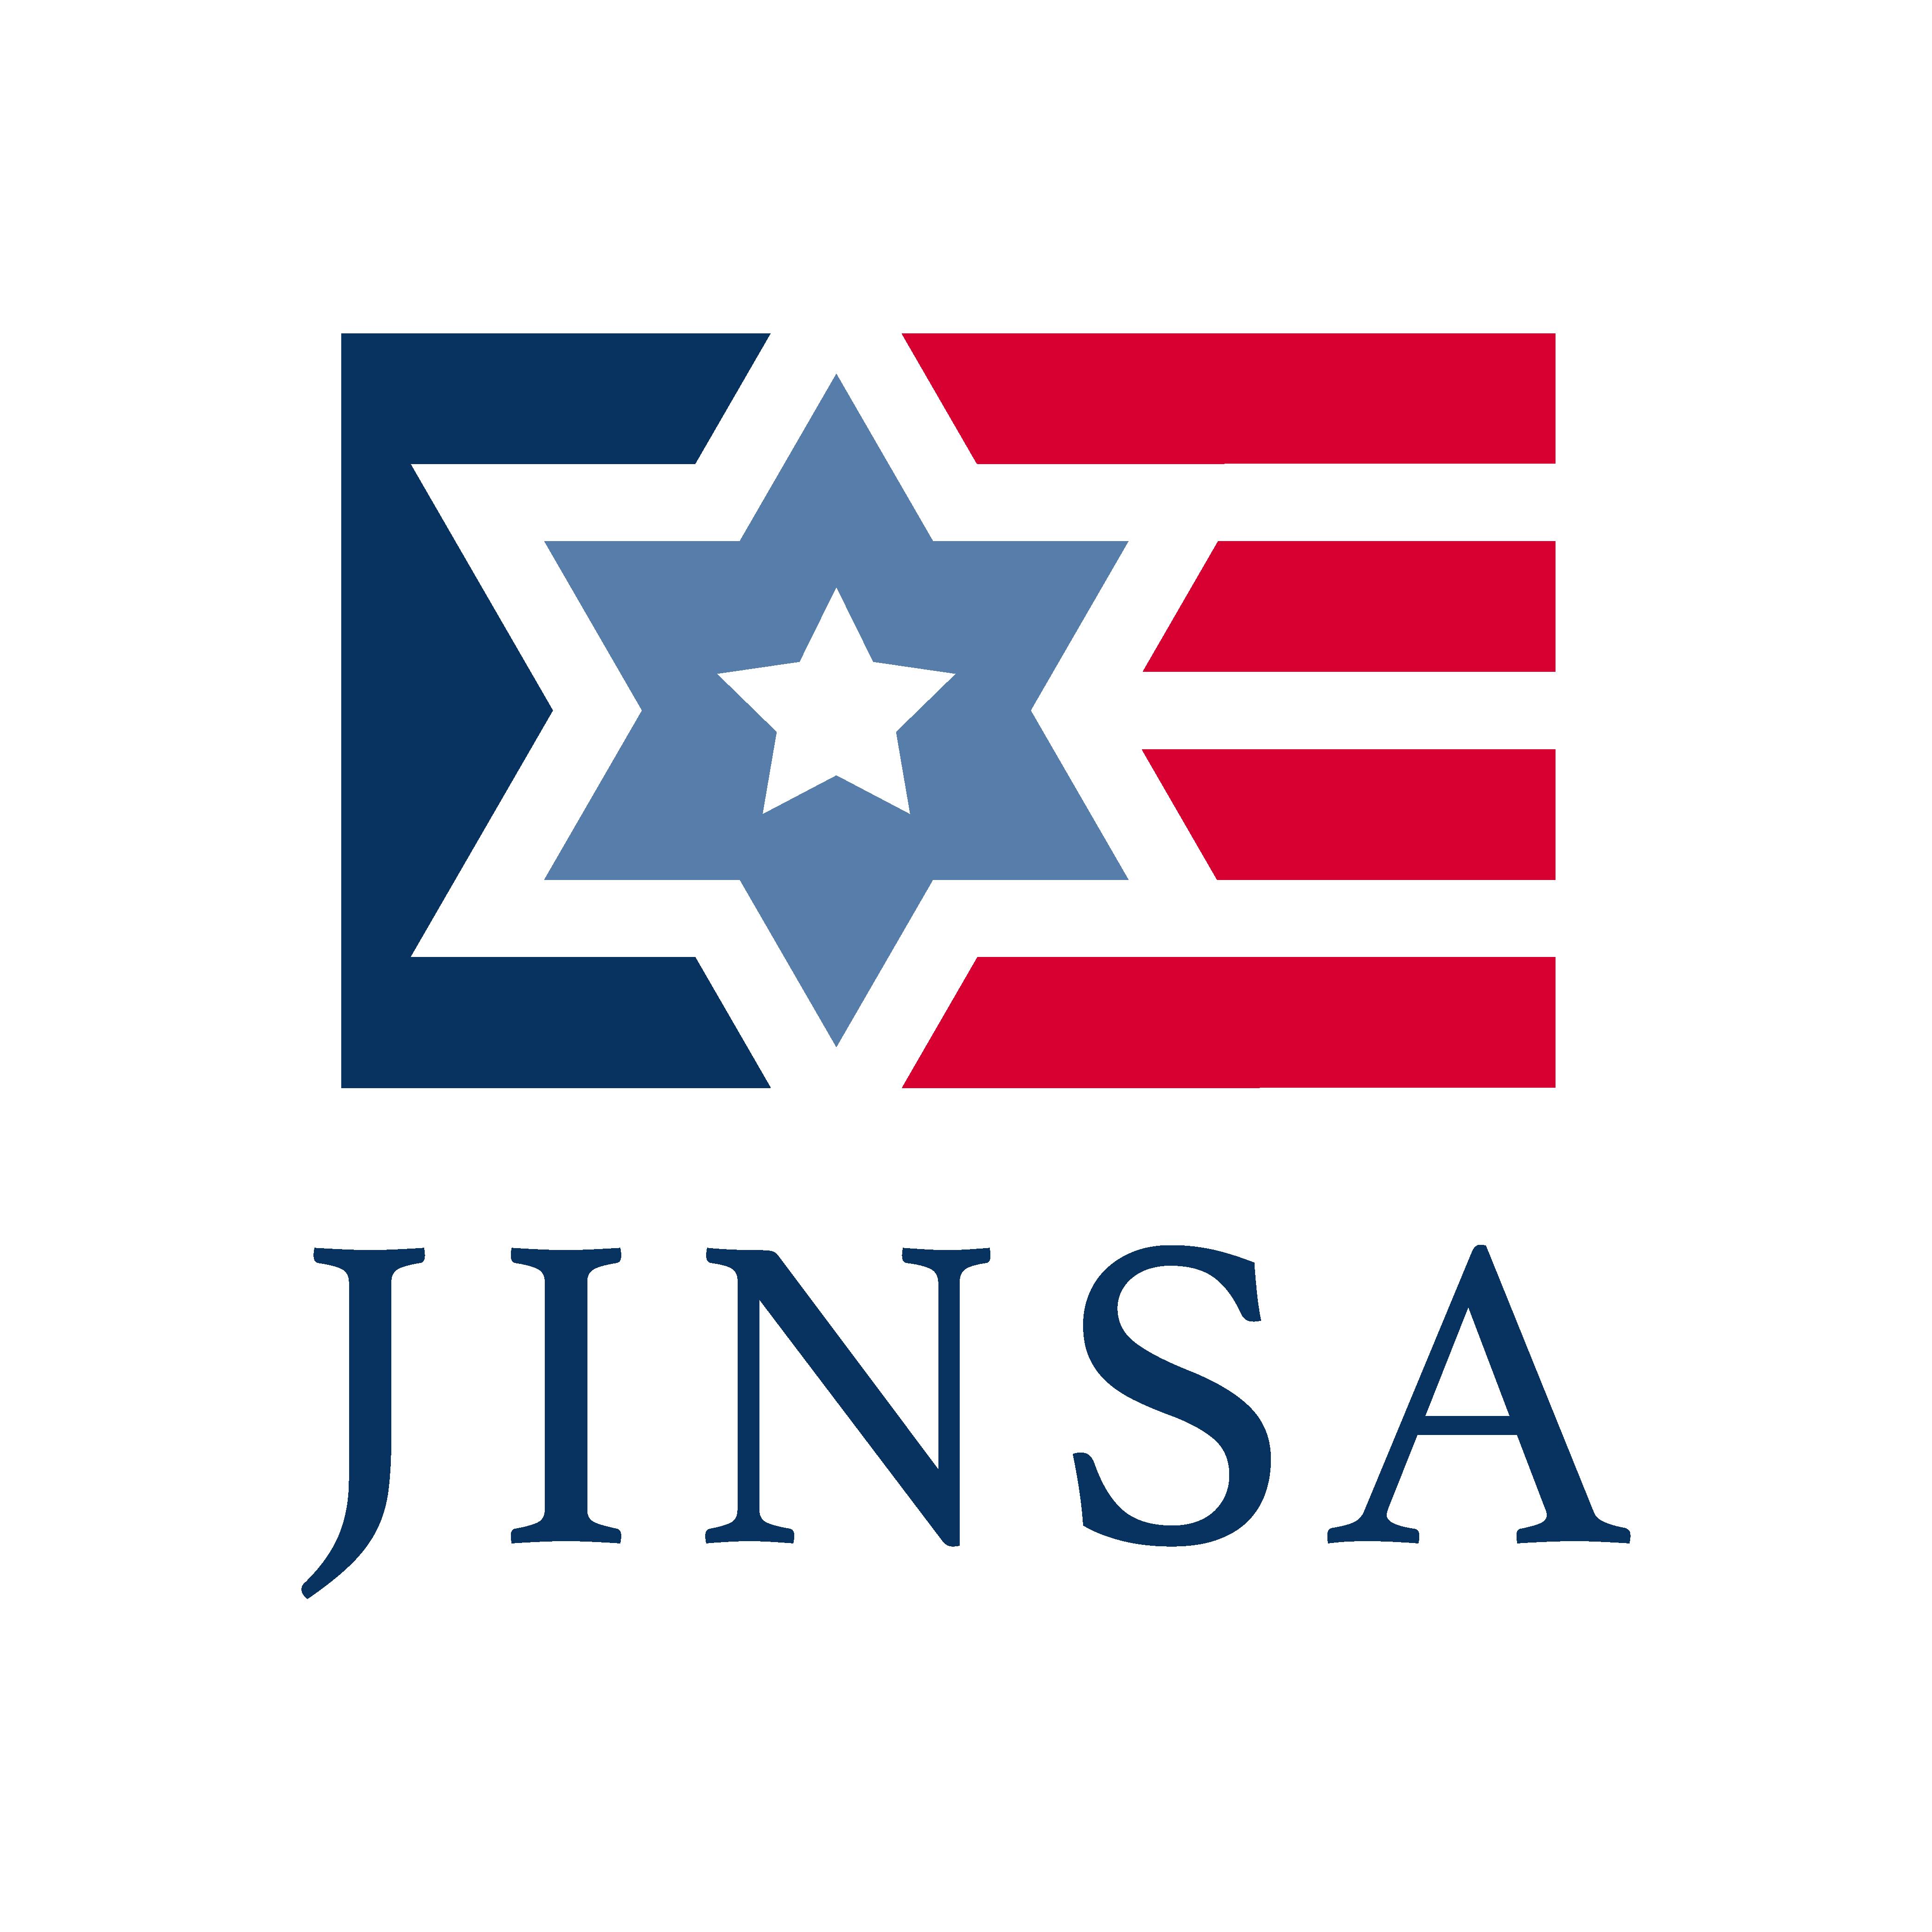 JINSA logo